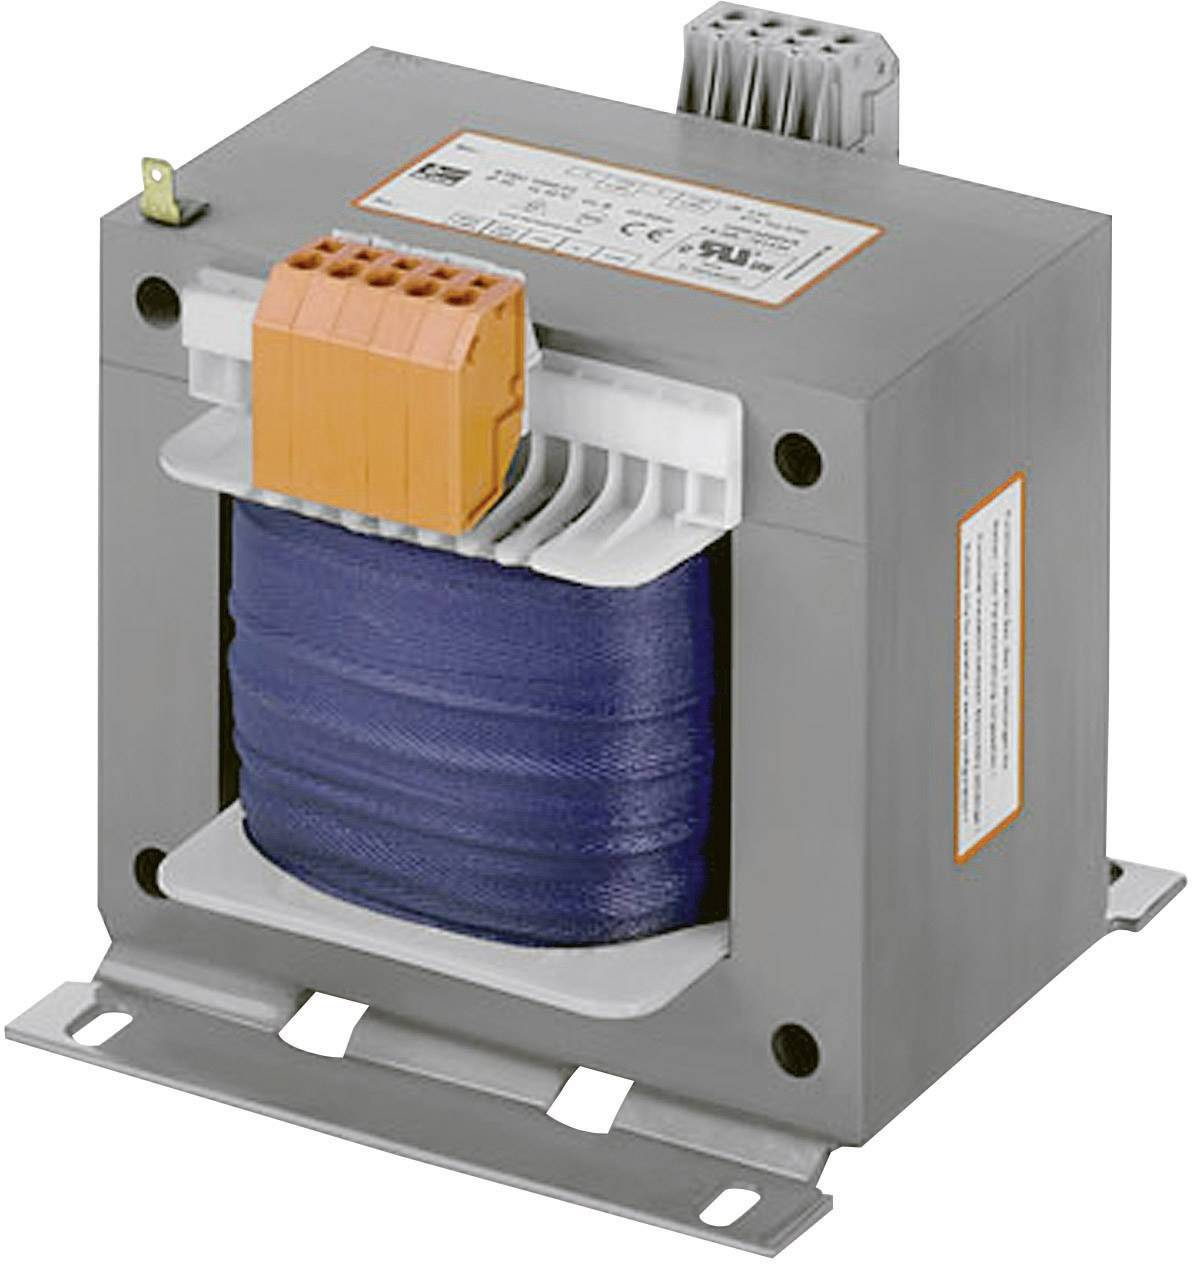 Bezpečnostný transformátor, riadiaci transformátor, izolačný transformátor Block STEU 1600/23, 1600 VA